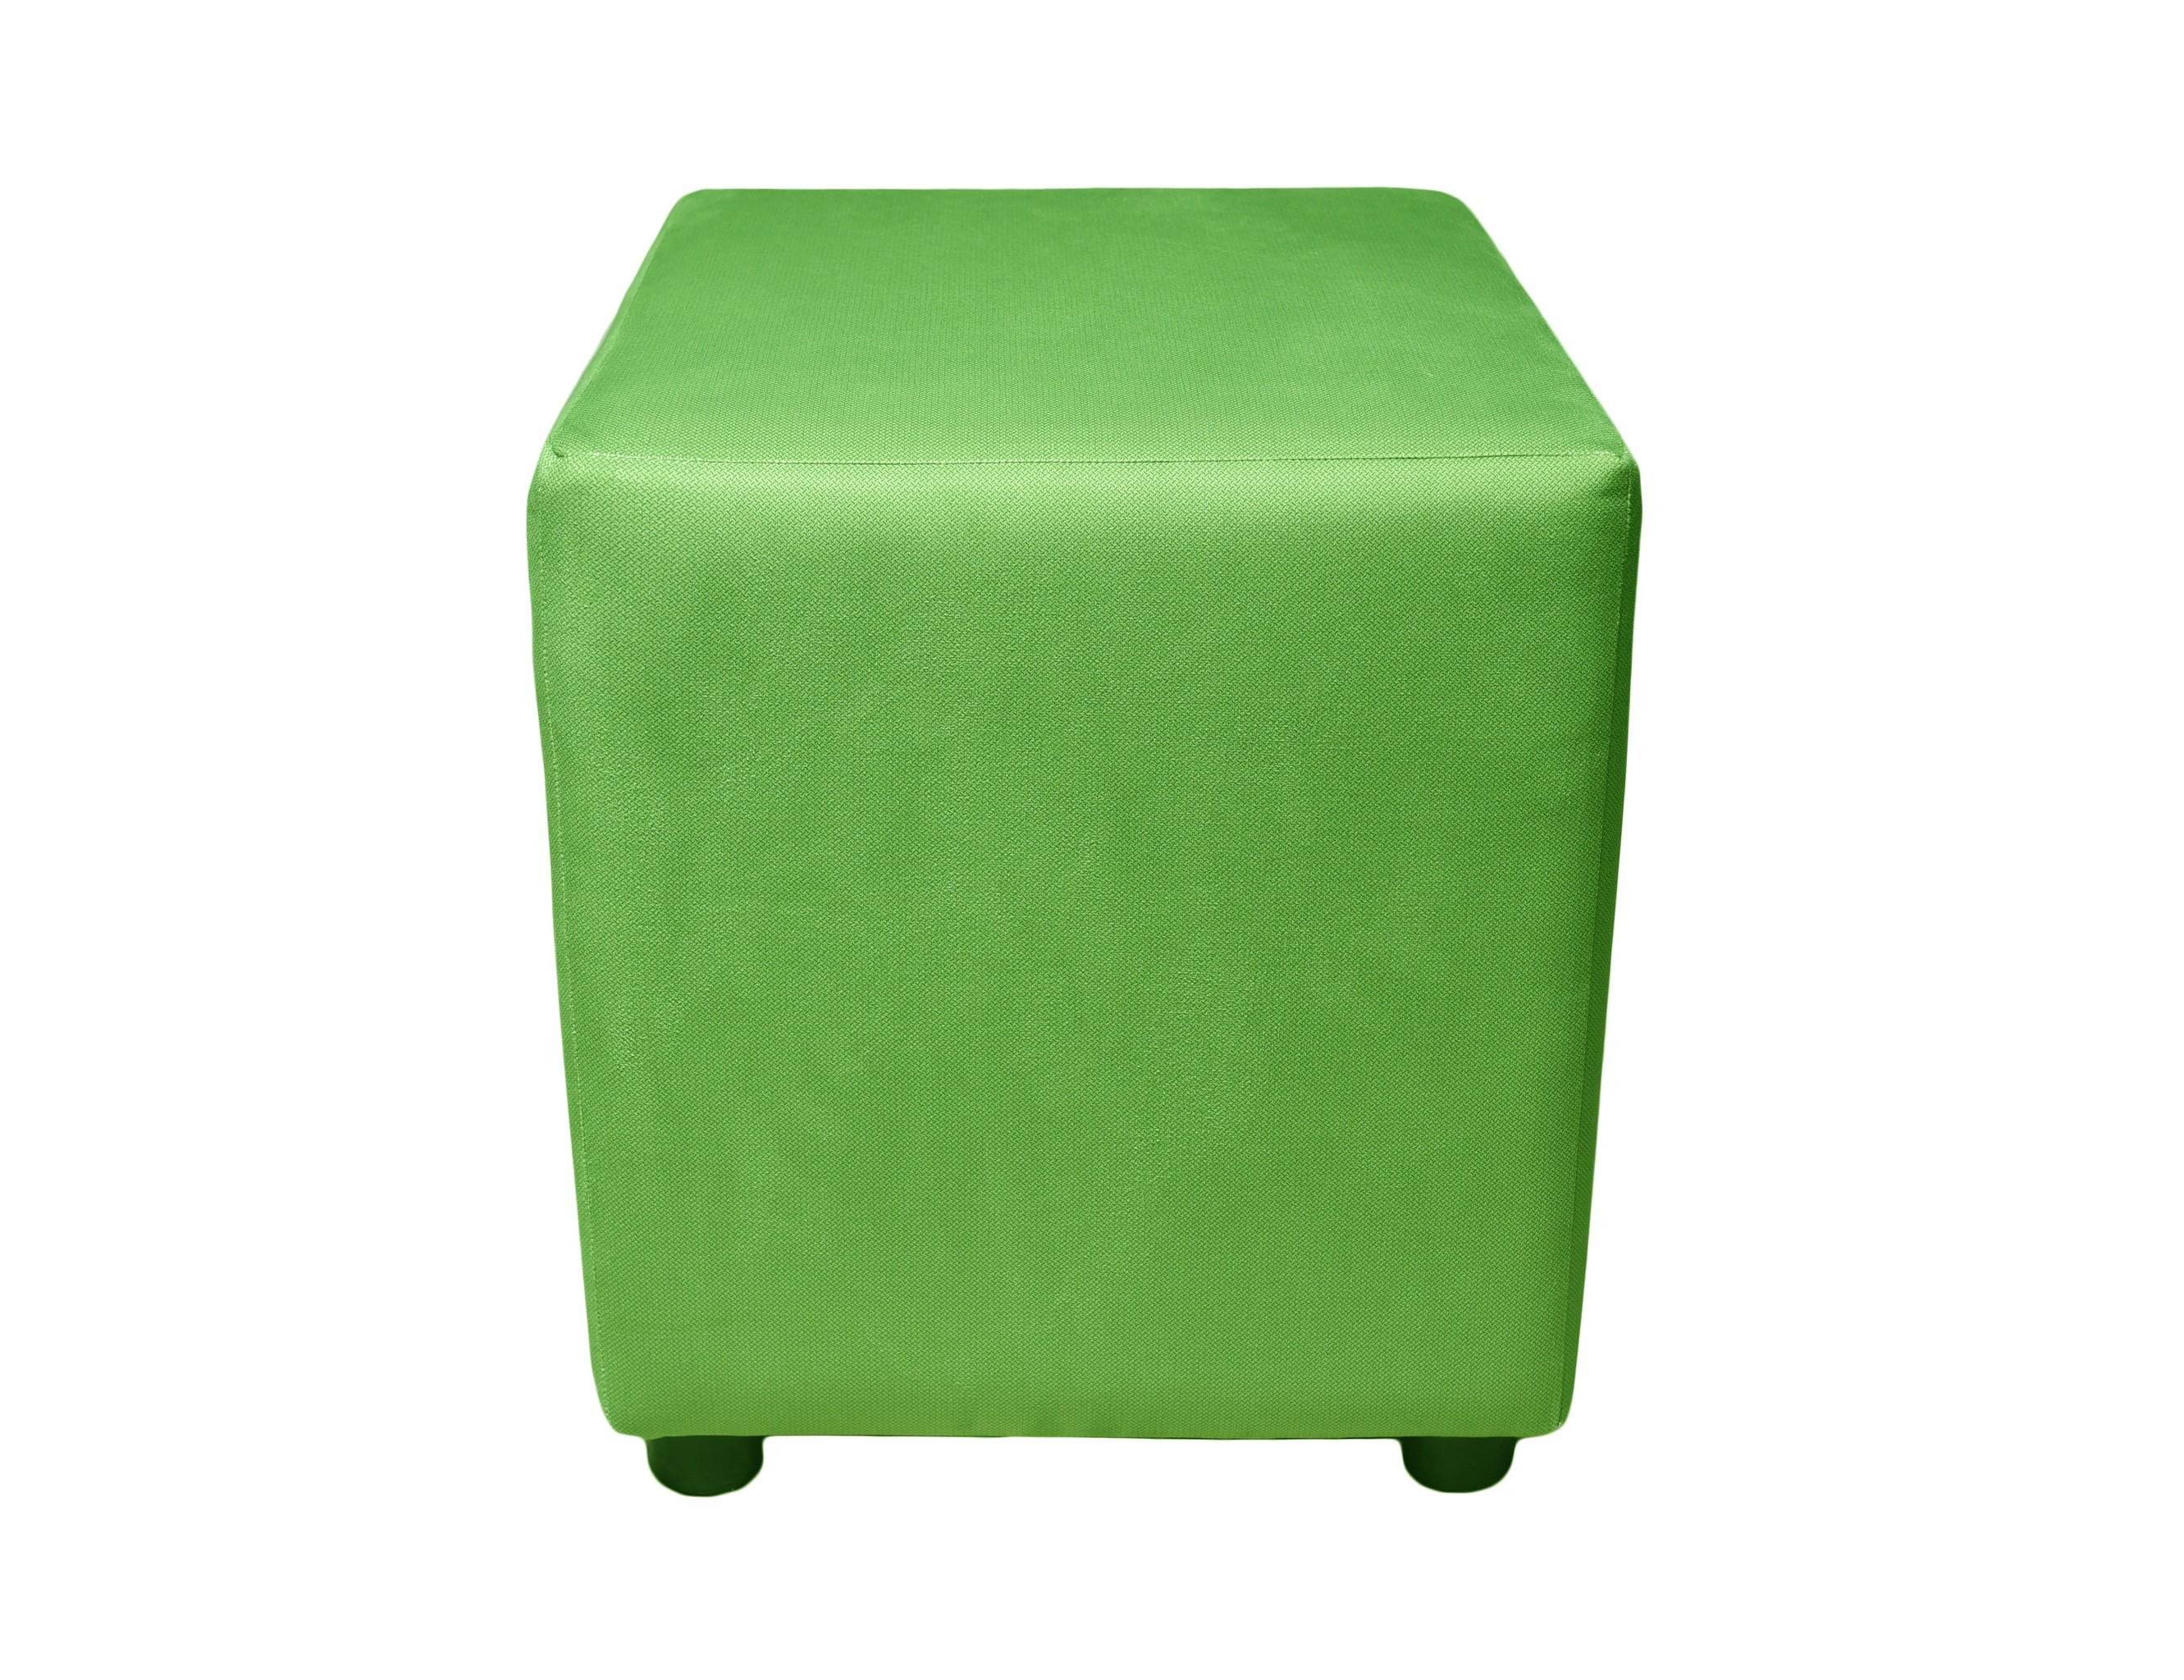 Каркасный пуфикФорменные пуфы<br>Очень устойчивый пуф на деревянной основе станет незаменимым предметом декора или функциональной мебелью в вашем доме. А эксклюзивные ткани добавят изюминку в ваше пространство.<br><br>Material: Текстиль<br>Ширина см: 40<br>Высота см: 45<br>Глубина см: 40